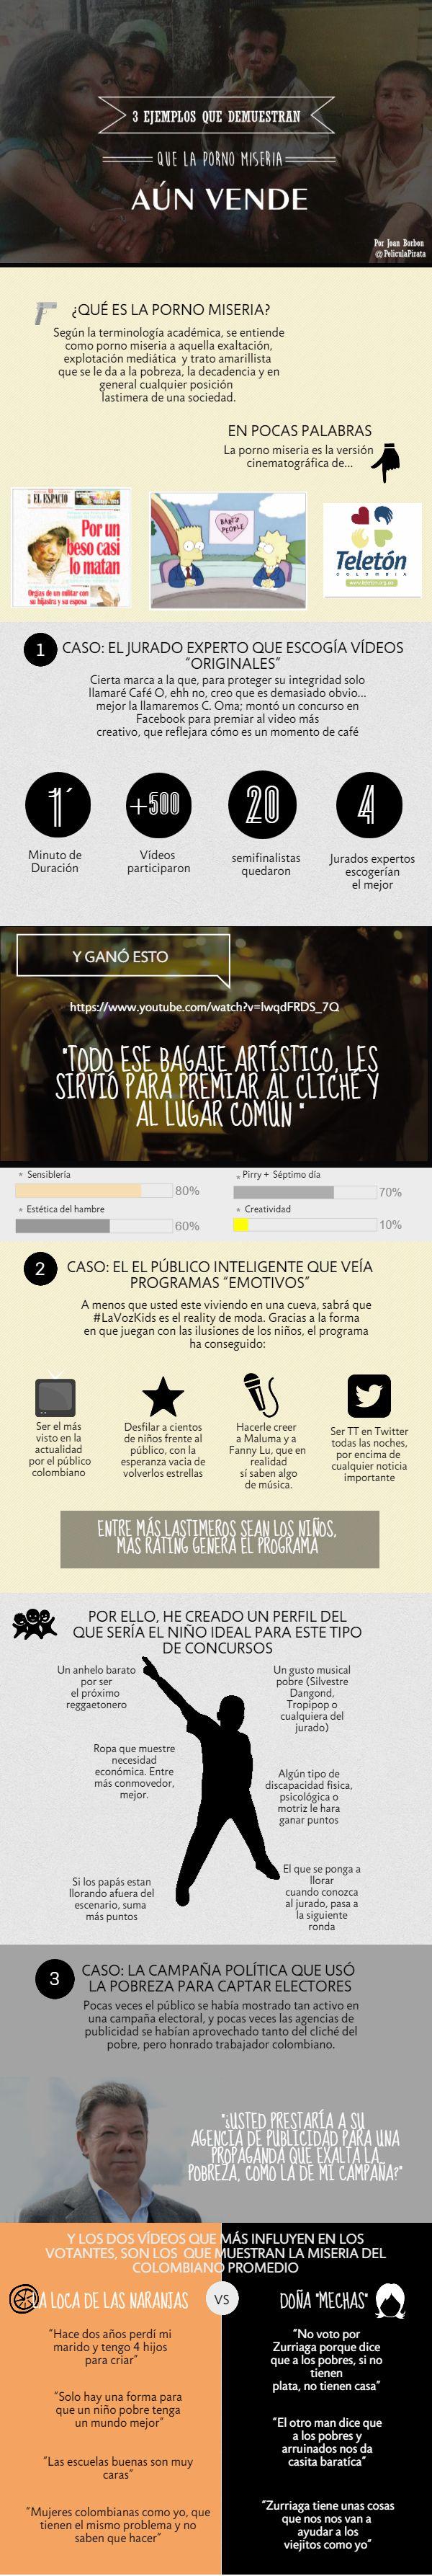 infografía sobre el panorama audiovisual colombiano #Cine #Televisión #Publicidad